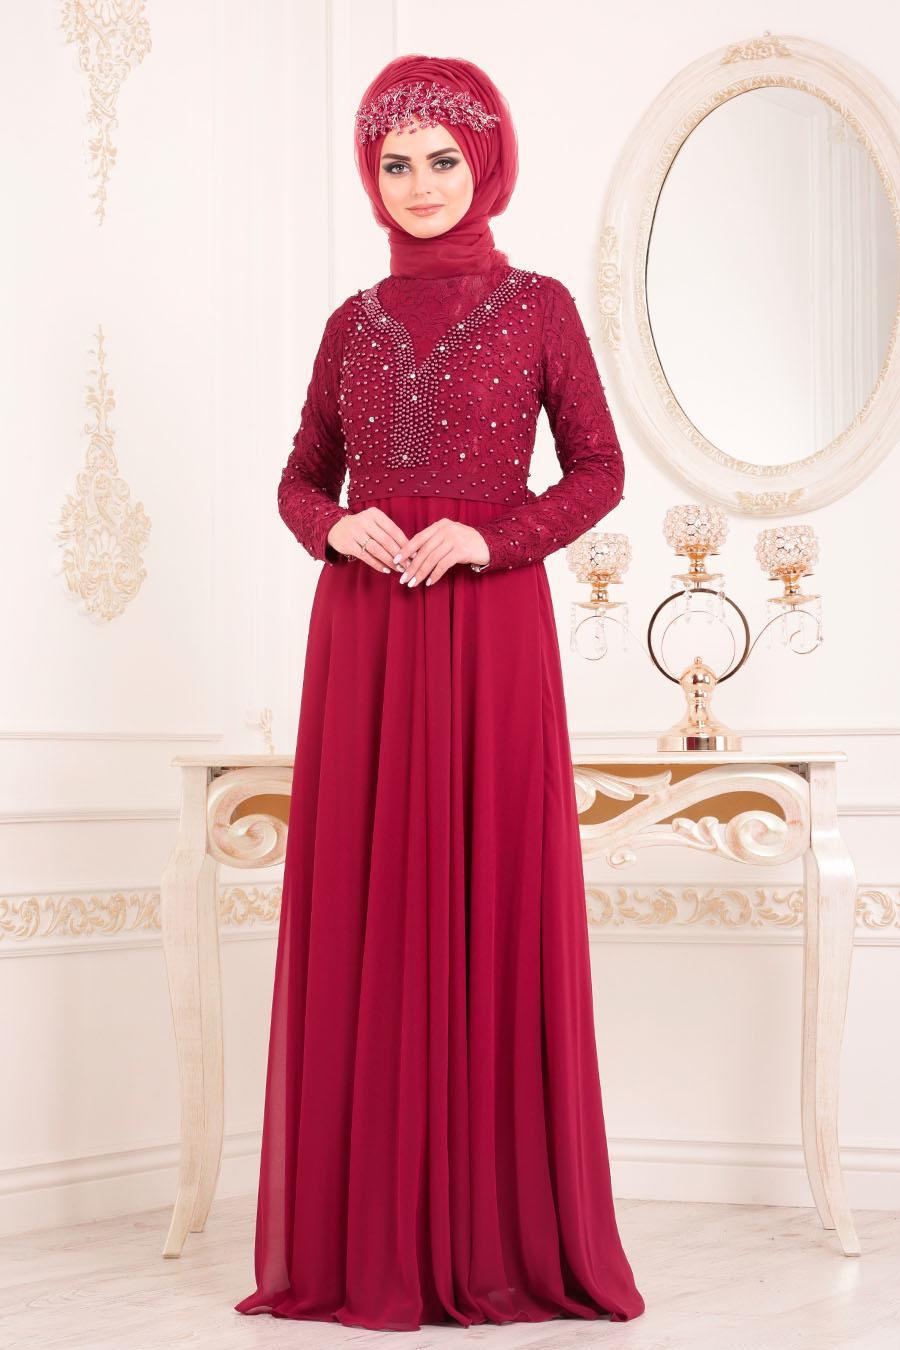 Tesettürlü Abiye Elbise - Boncuk Detaylı Bordo Tesettürlü Abiye Elbise 3291BR